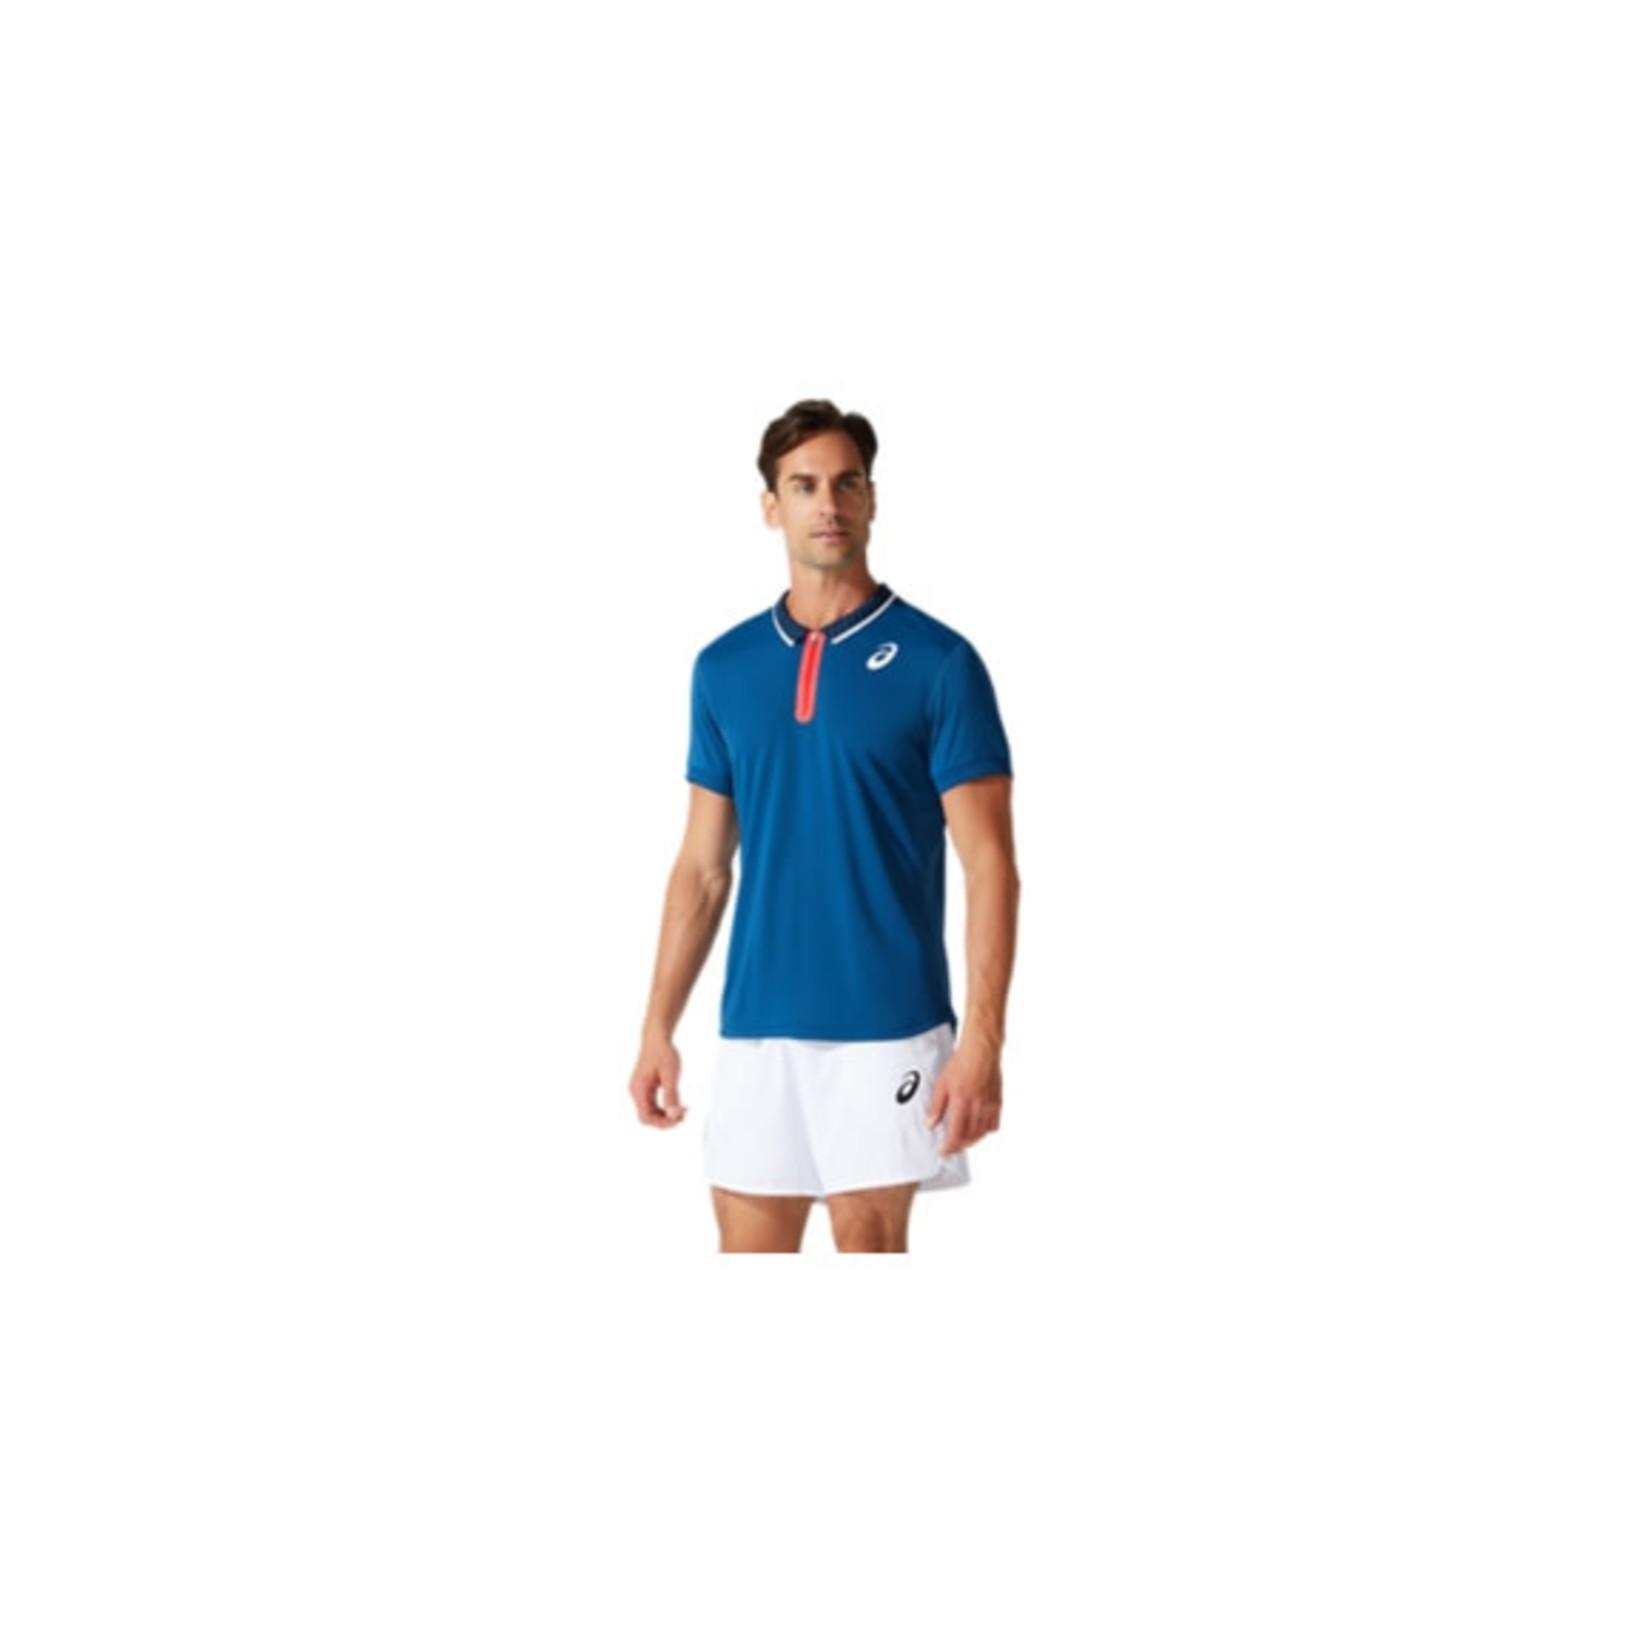 Asics Heren - Match Polo Shirt - Blauw